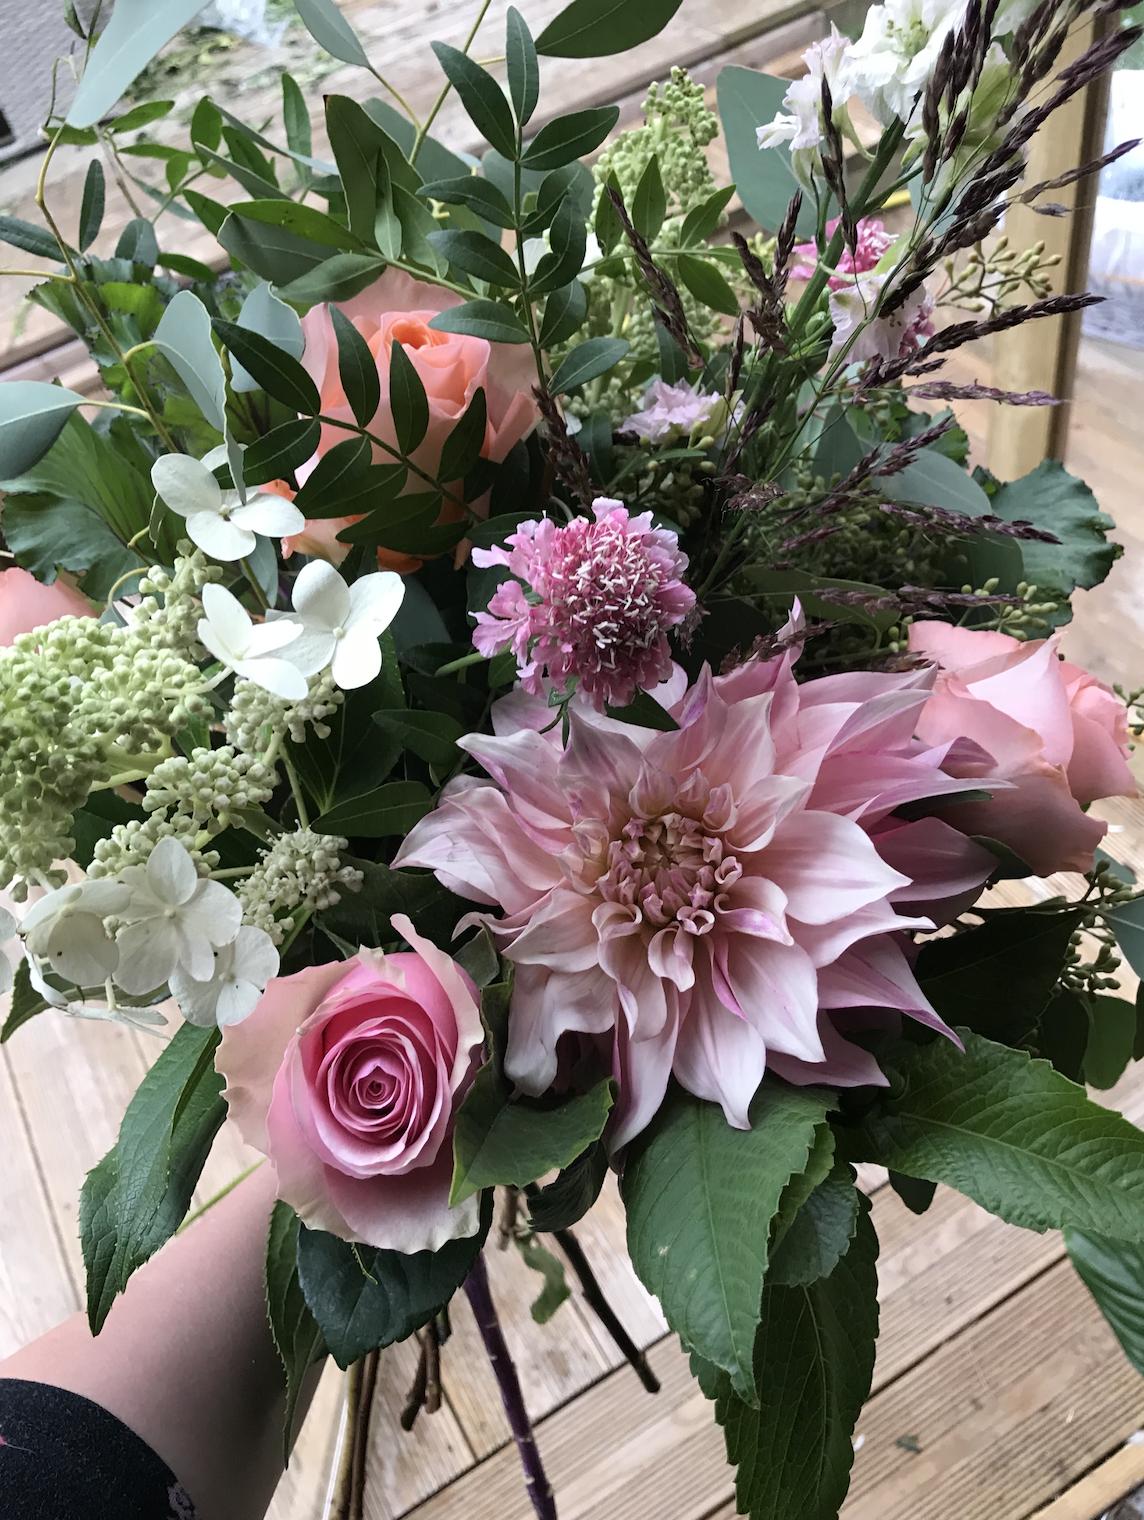 15 years of flowers - Ella Wicks